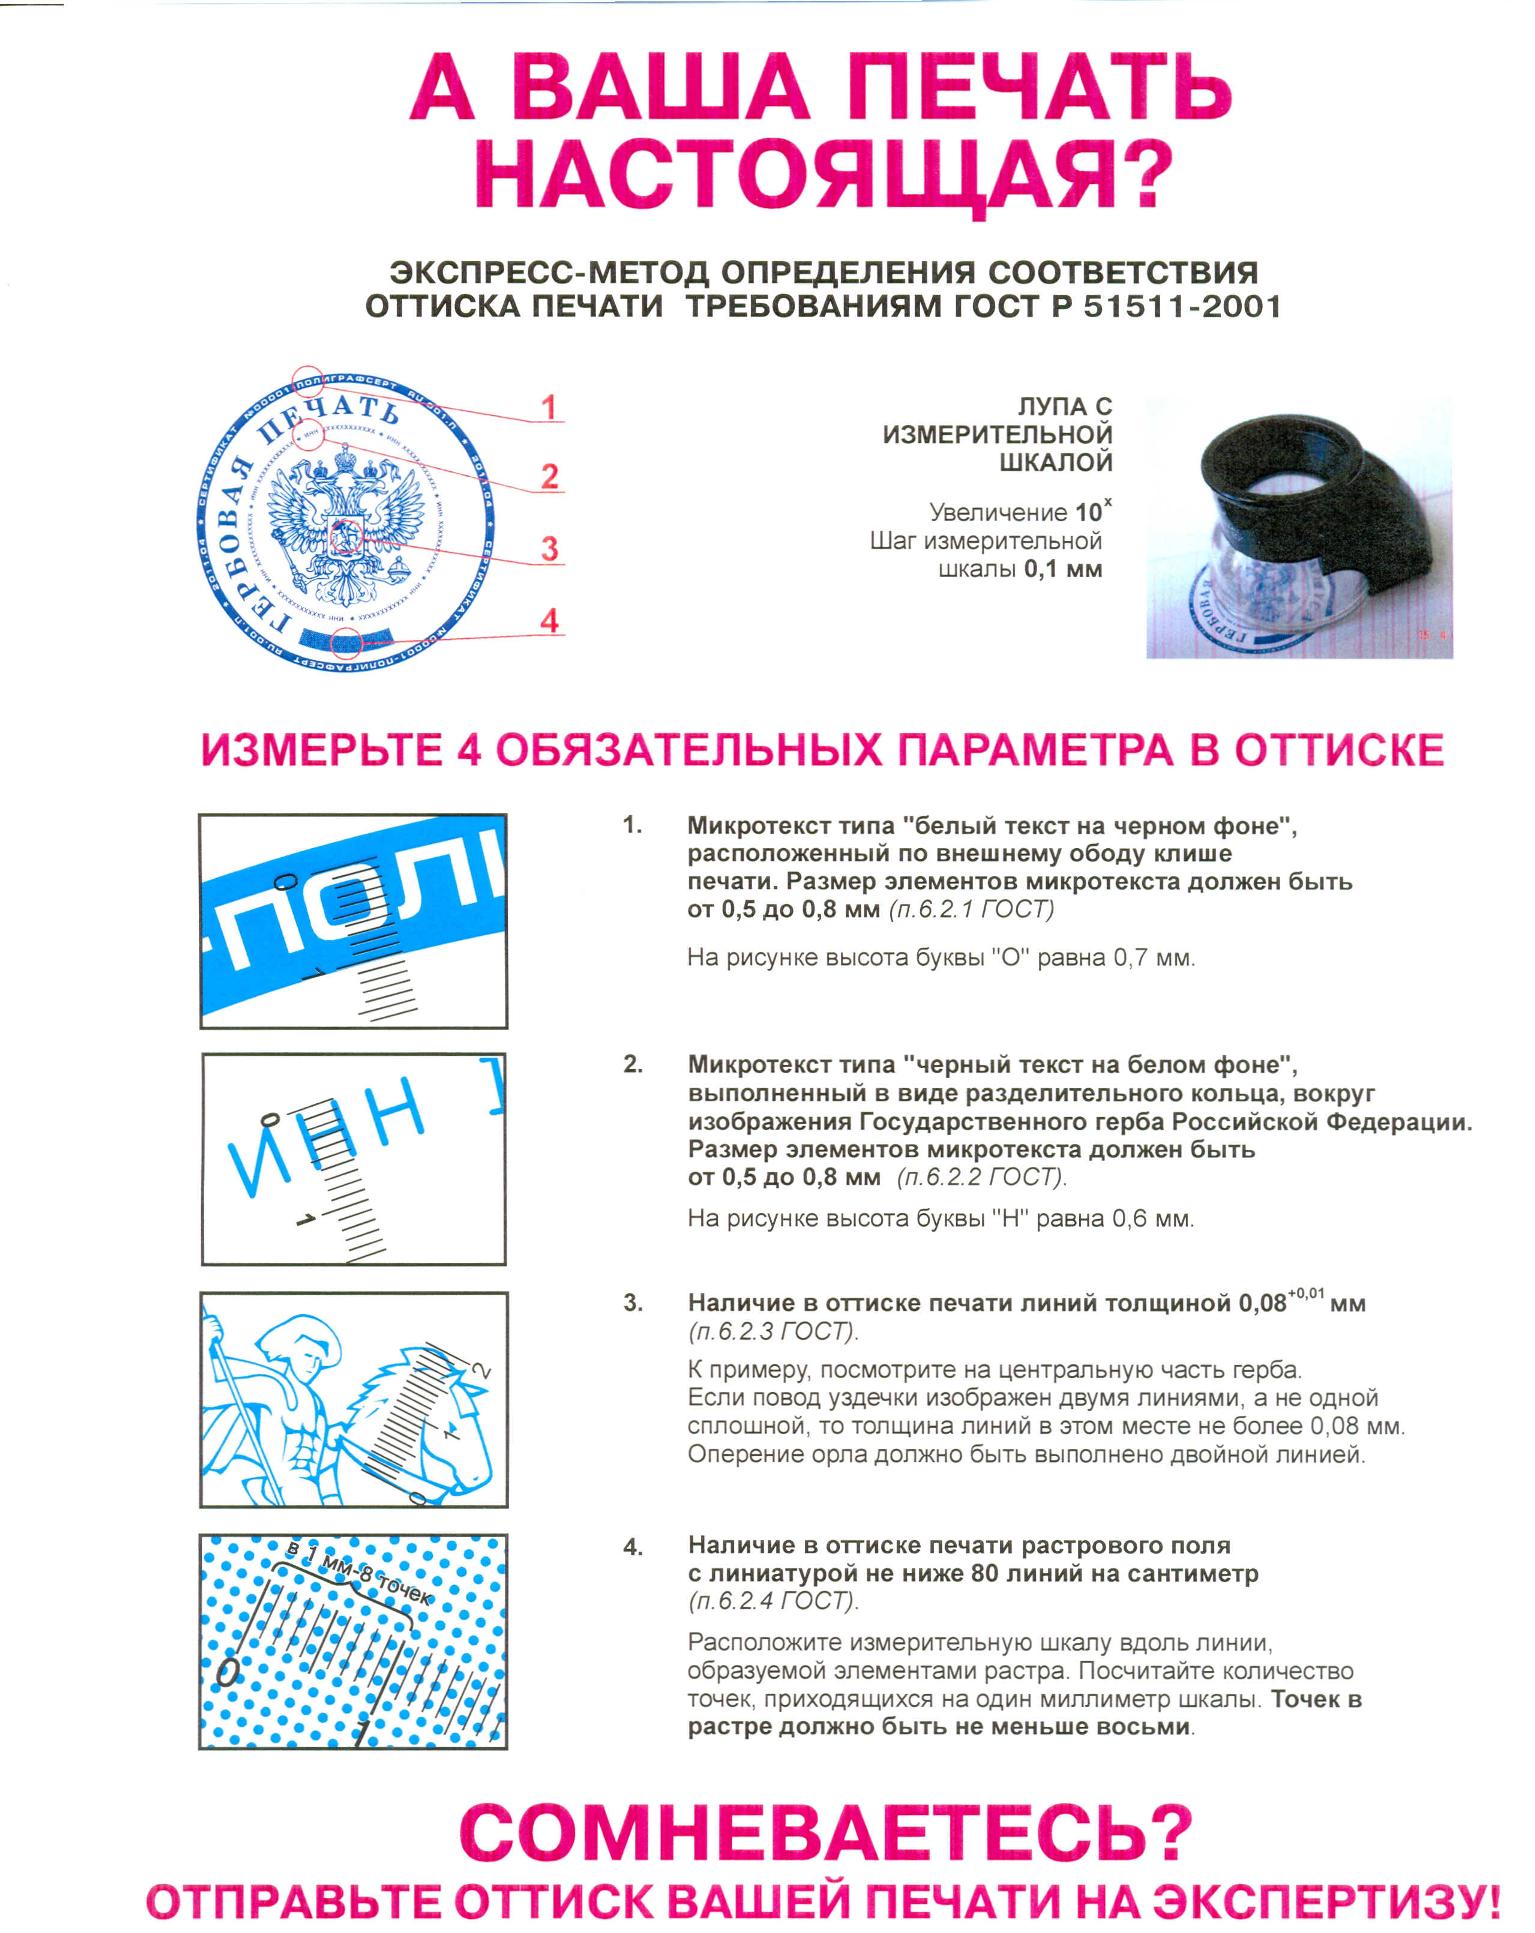 акт на уничтожение гербовой печати образец